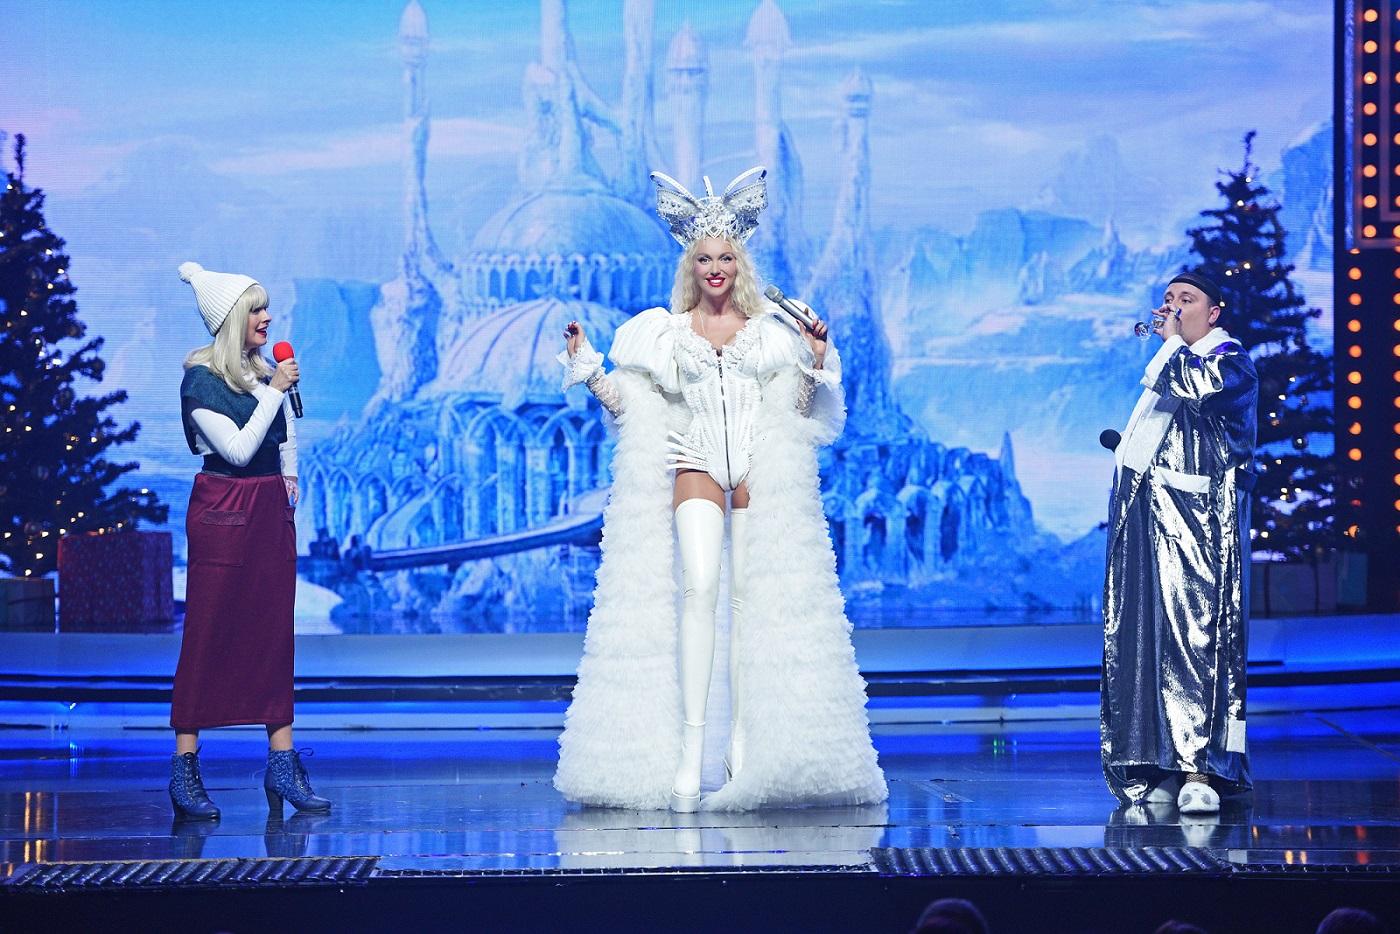 В новогоднюю ночь Усик и Кошевой будут бороться за сердце Елены Кравец